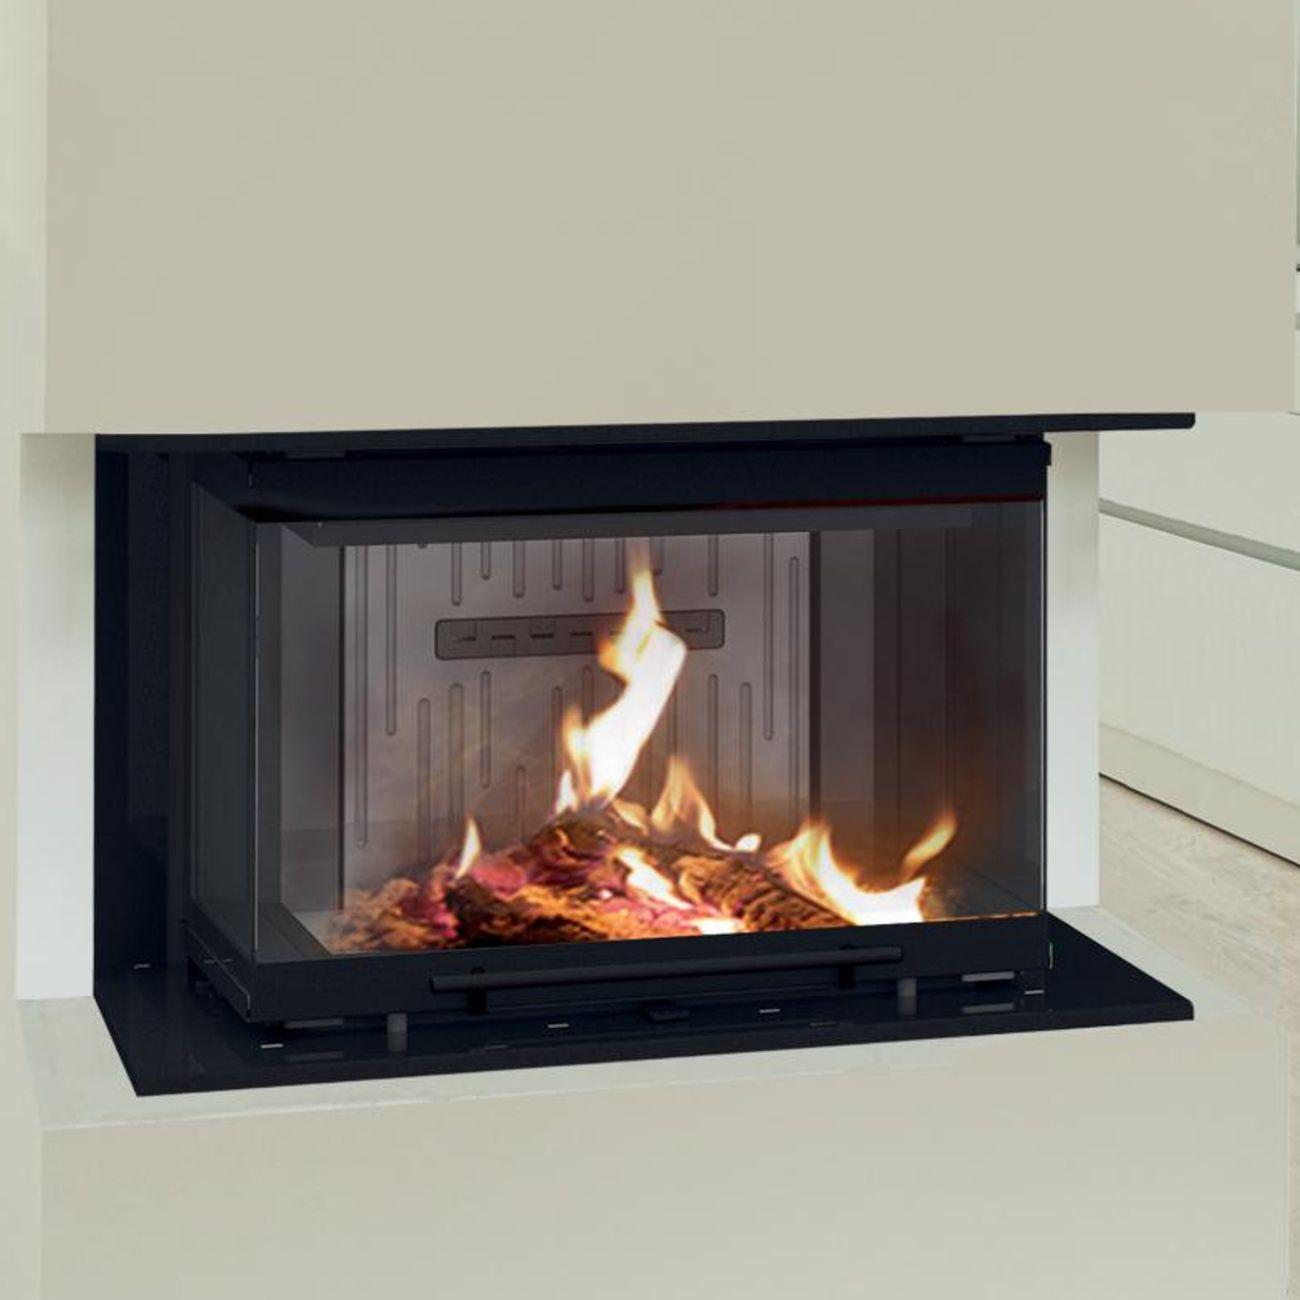 bef trend v 6 c warmluft kamineinsatz dreiseitig verglast hebet r 6kw kamin pinterest. Black Bedroom Furniture Sets. Home Design Ideas